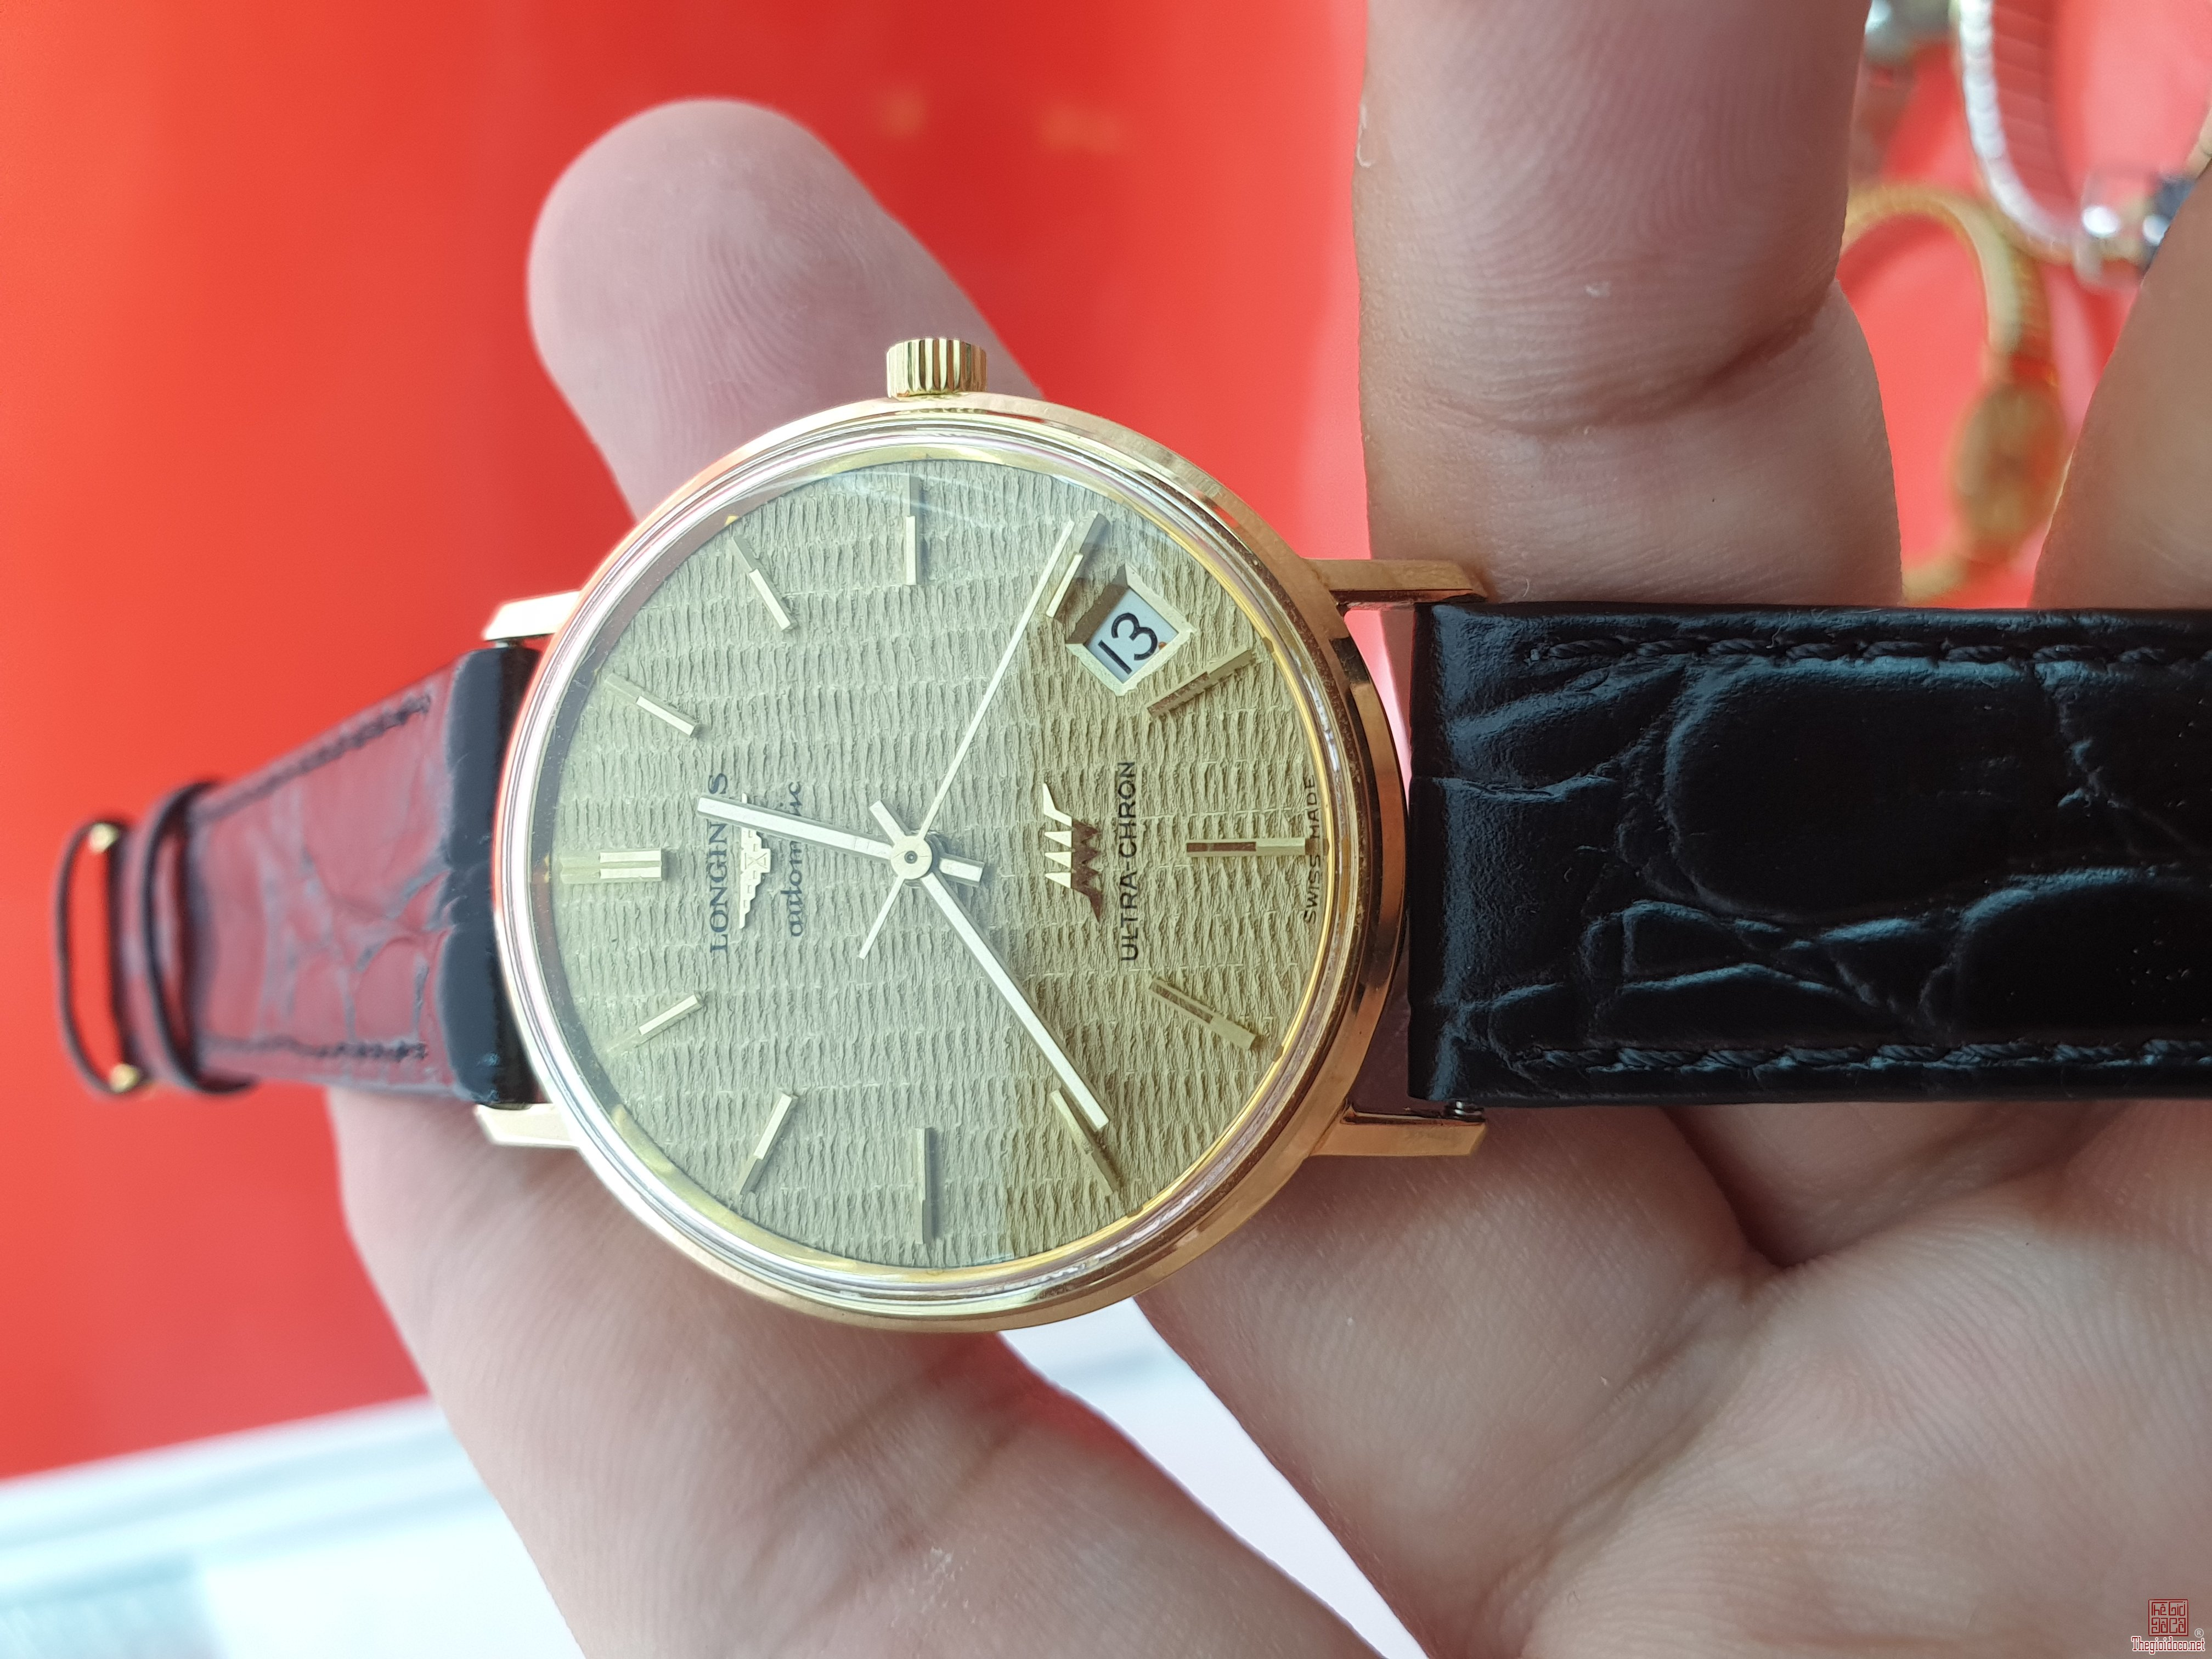 Độc dược Longines Ultra Chron vỏ vàng khối 18k mặt vàng khối đẹp xuất sắc xưa chính hãng